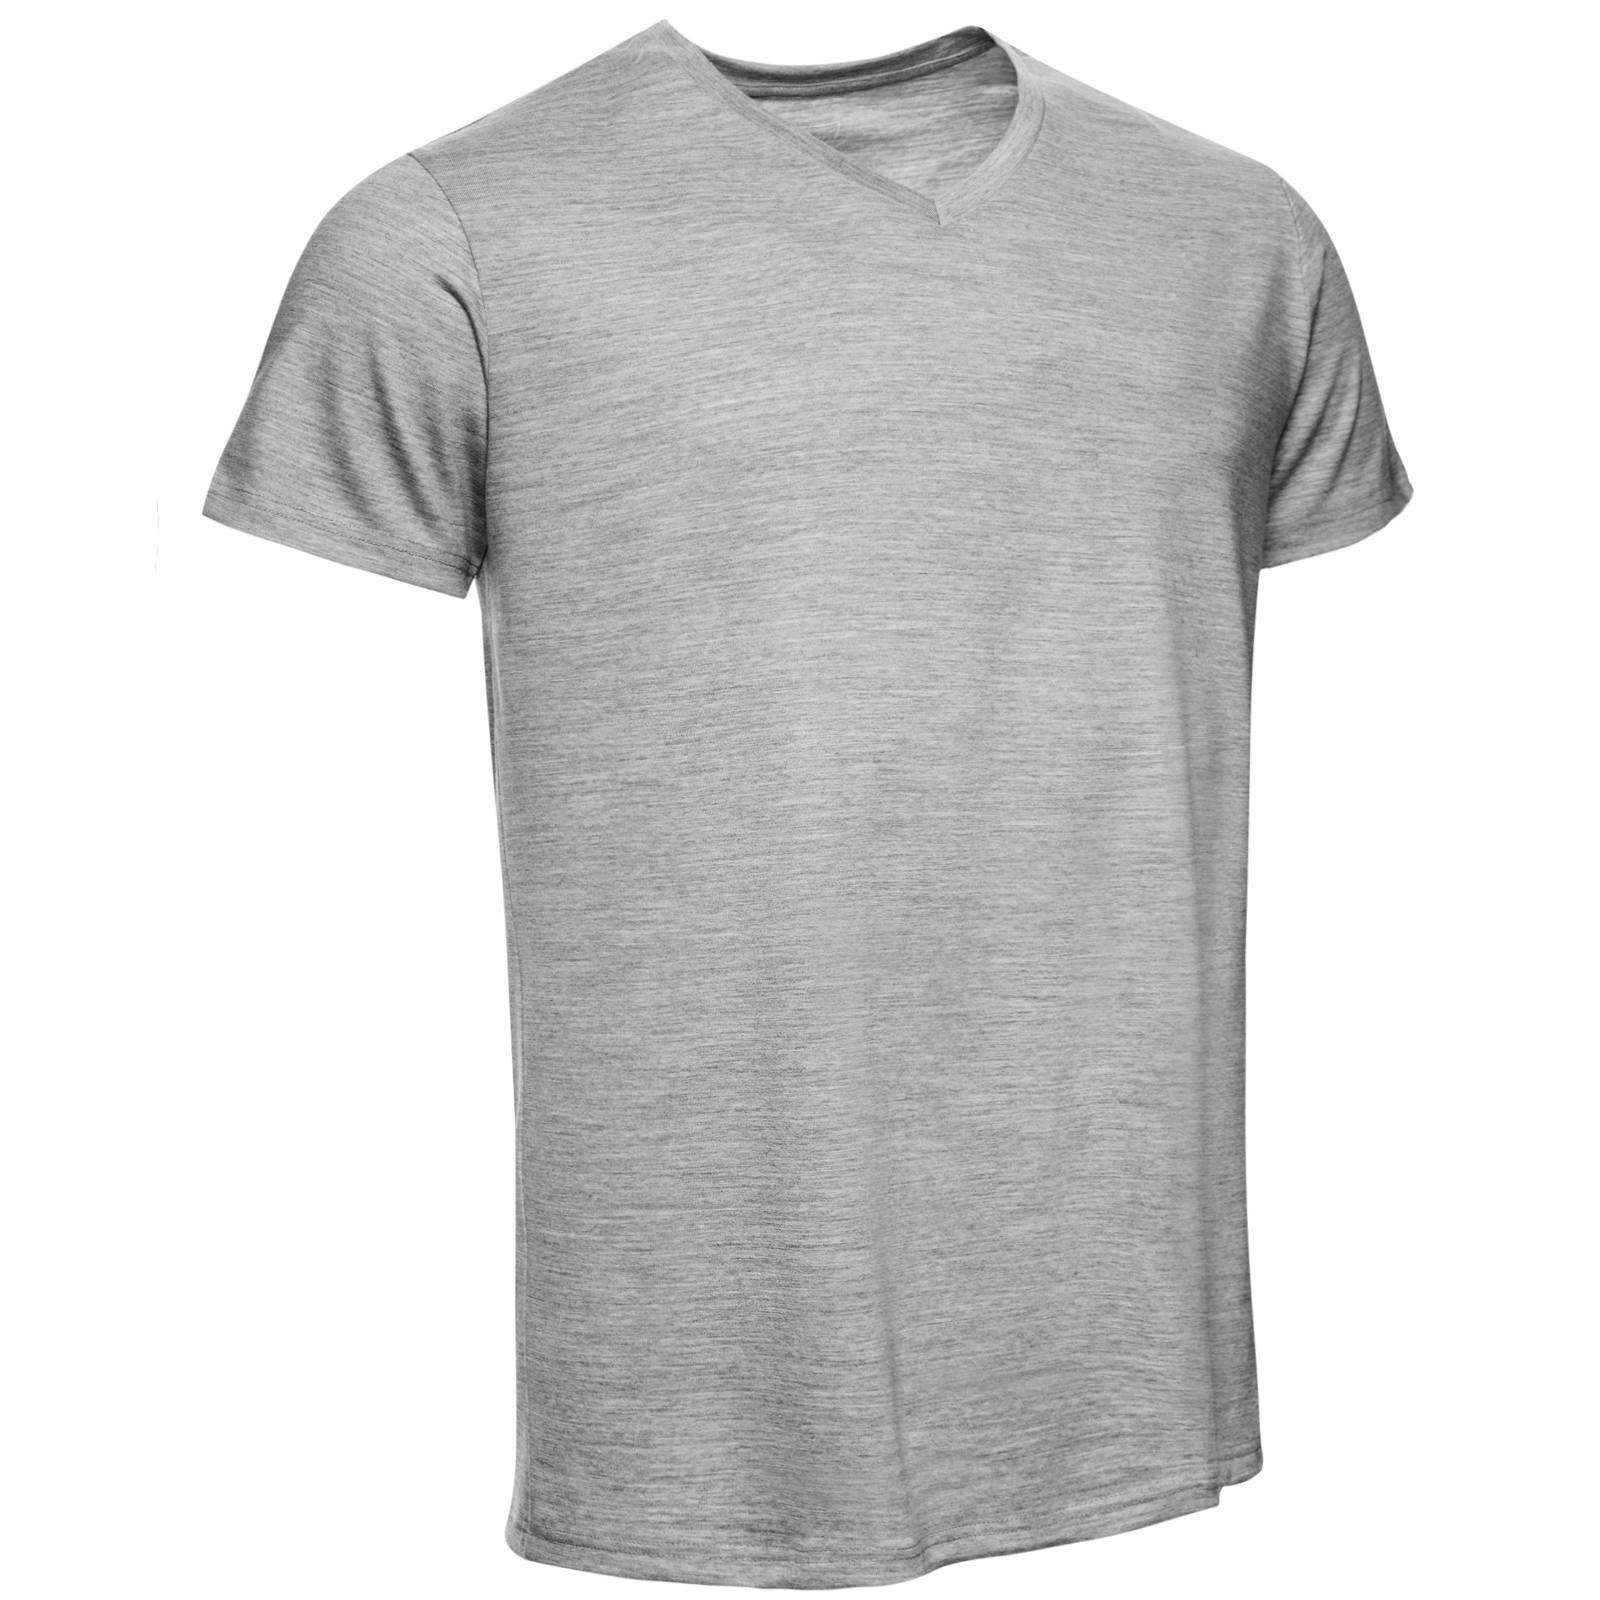 URBAN LIMITED Merino Shirt Herren Regular V-Neck 200